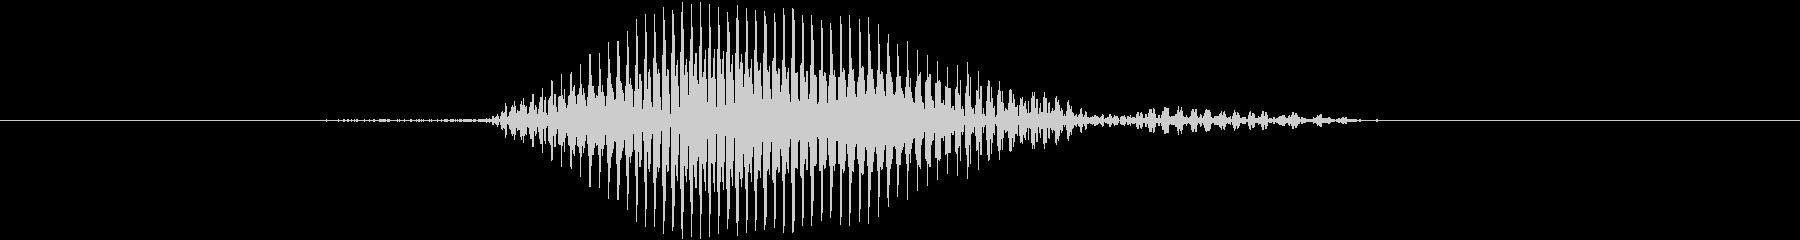 ファールの未再生の波形